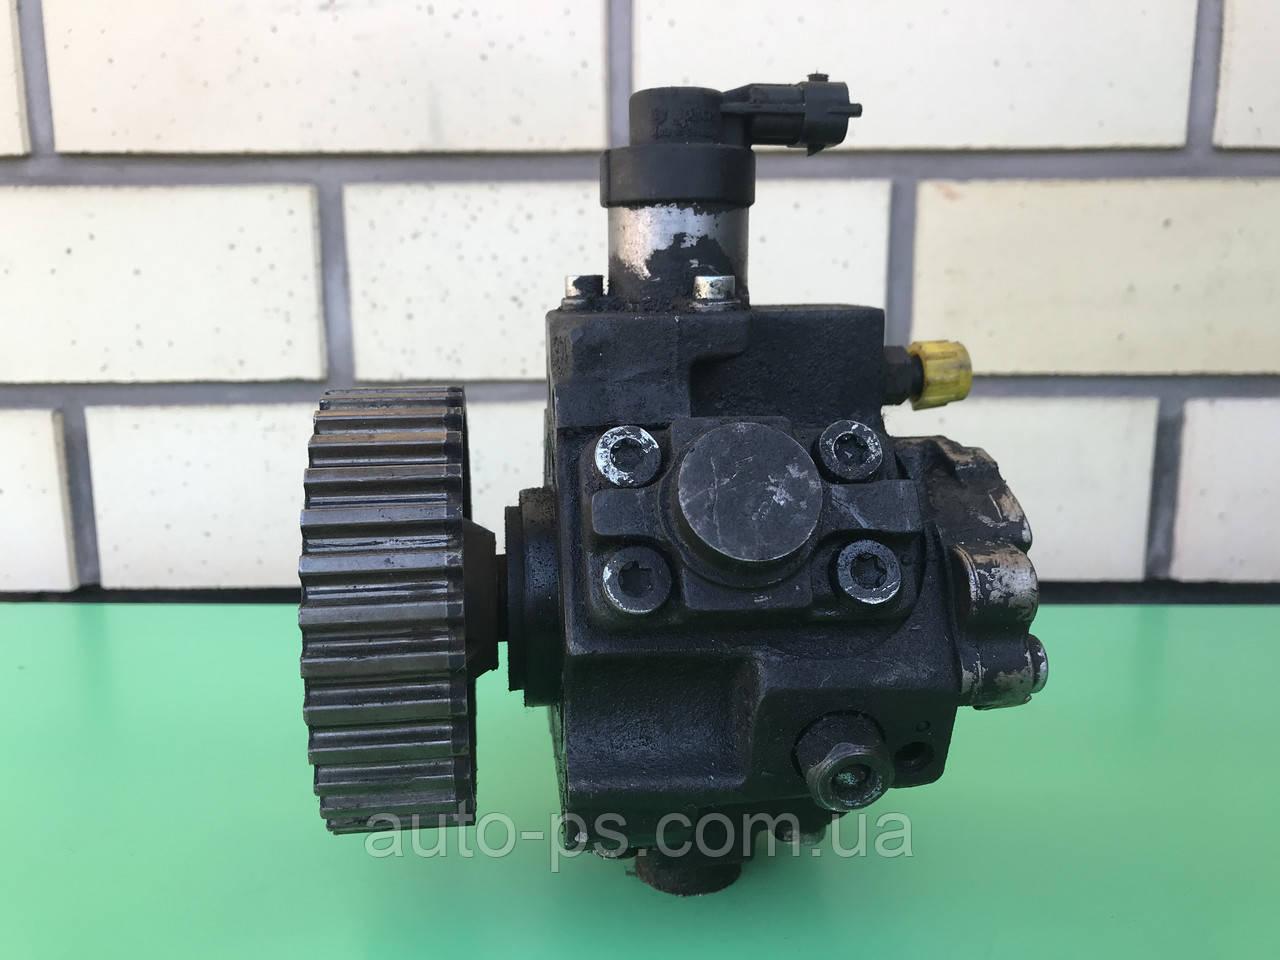 Топливный насос высокого давления (ТНВД) Mazda 3 (BL) 1.6MZR CD